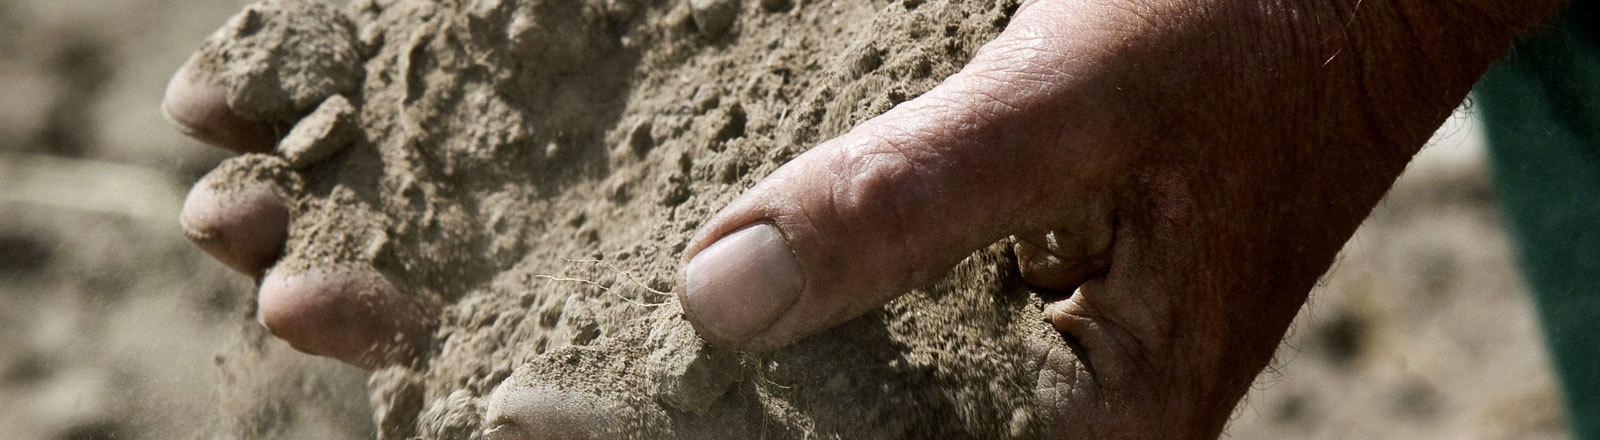 Den ausgetrockneten Boden zeigt ein Bauer der Ökogärtnerei Am Bauerngut am 05.06.2008 im brandenburgischen Libbenichen (Märkisch-Oderland). Seit etwa drei Wochen hat es im Osten von Brandenburg nicht mehr geregnet.